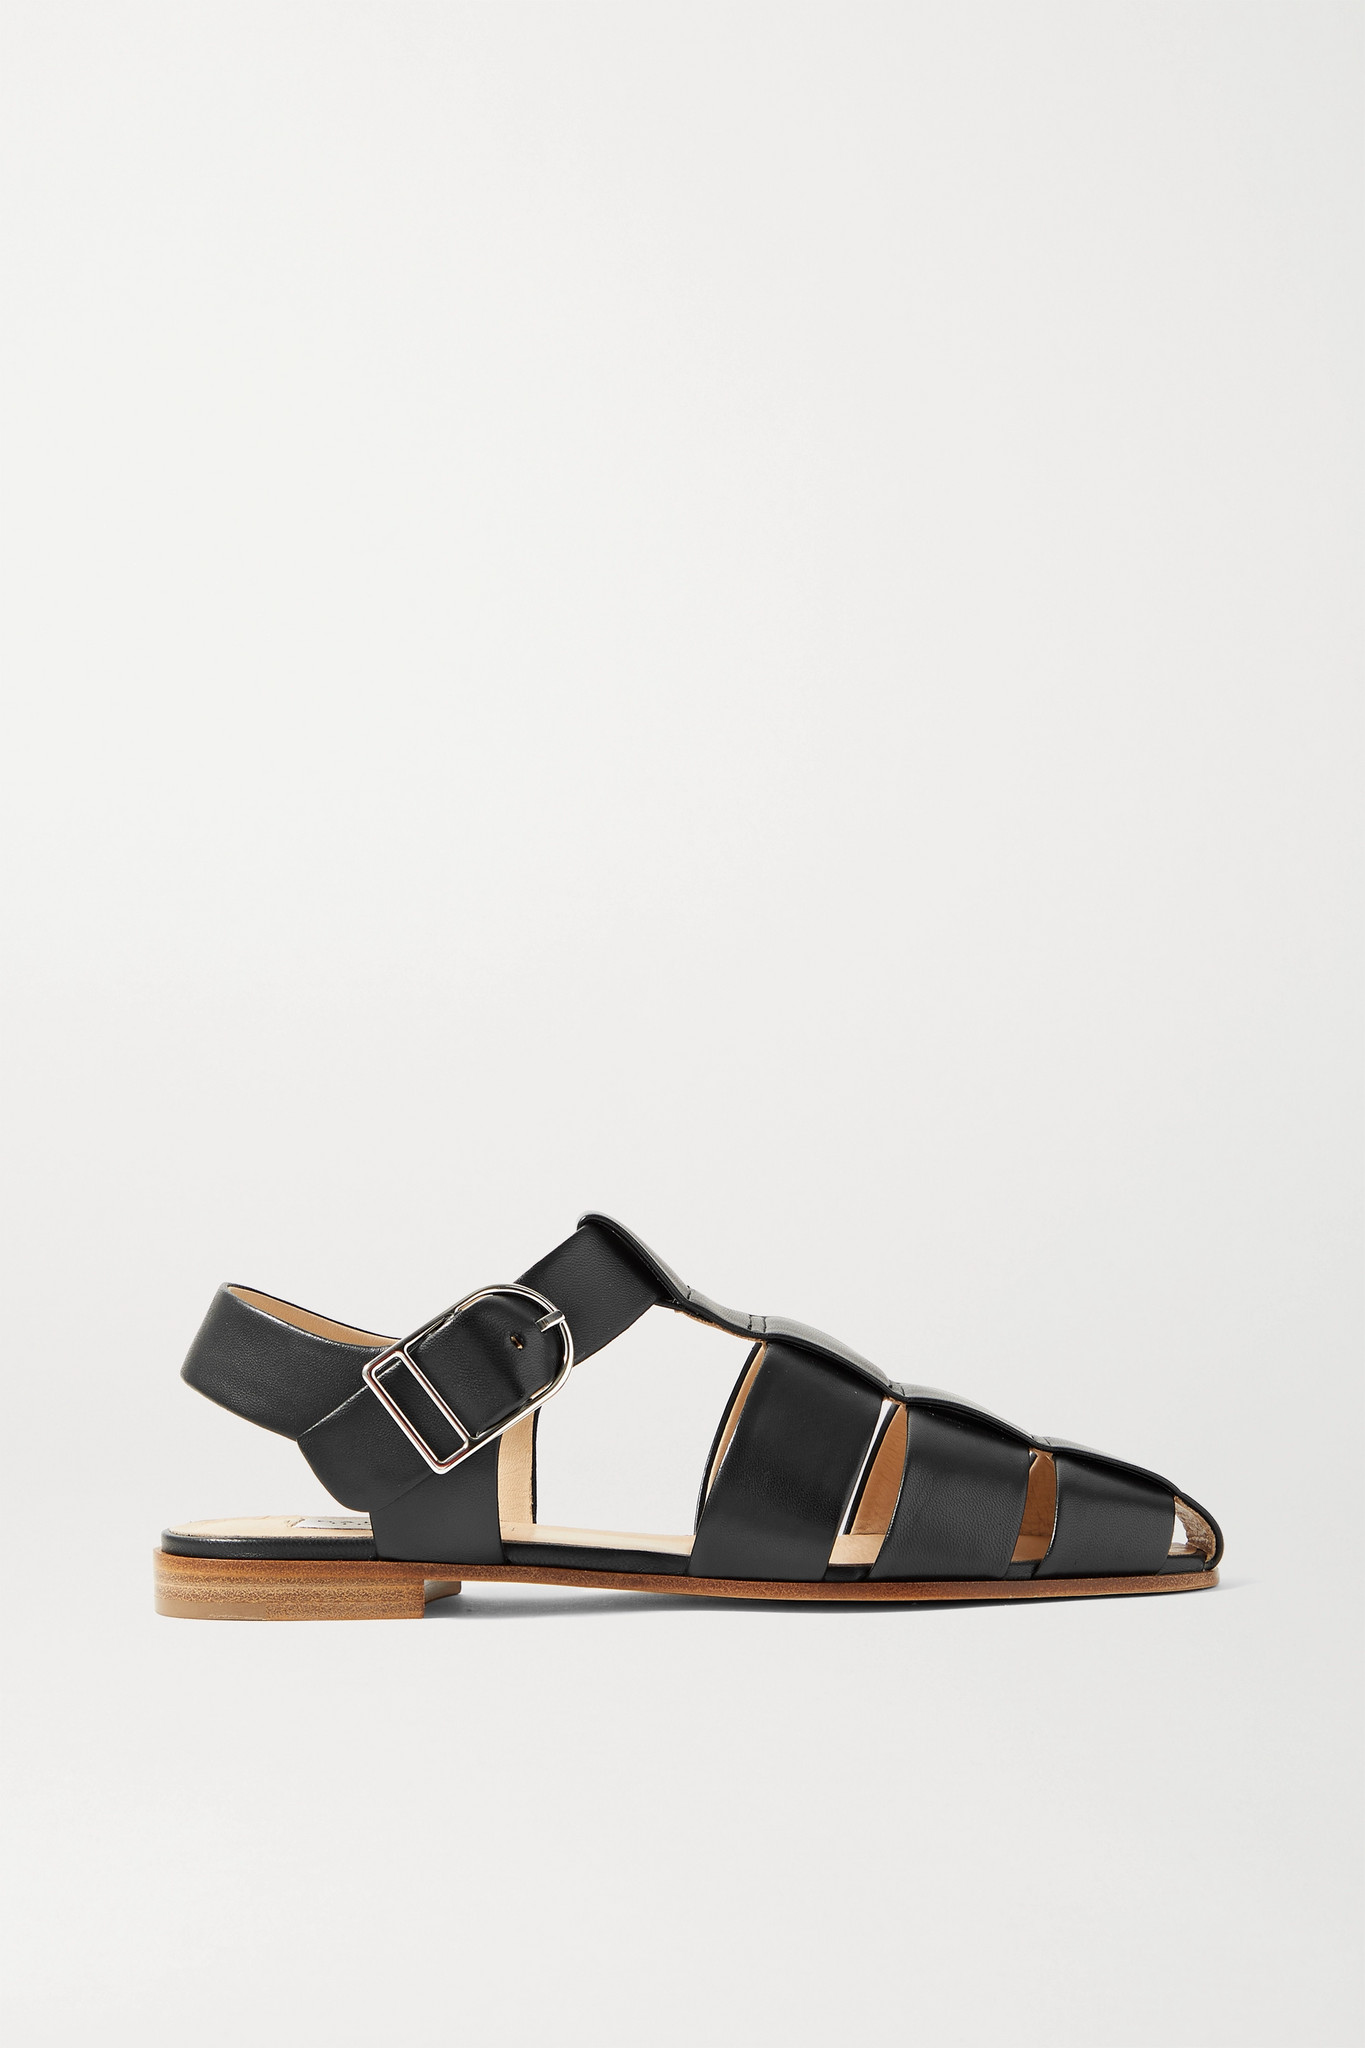 GABRIELA HEARST - Lynn Leather Sandals - Black - IT35